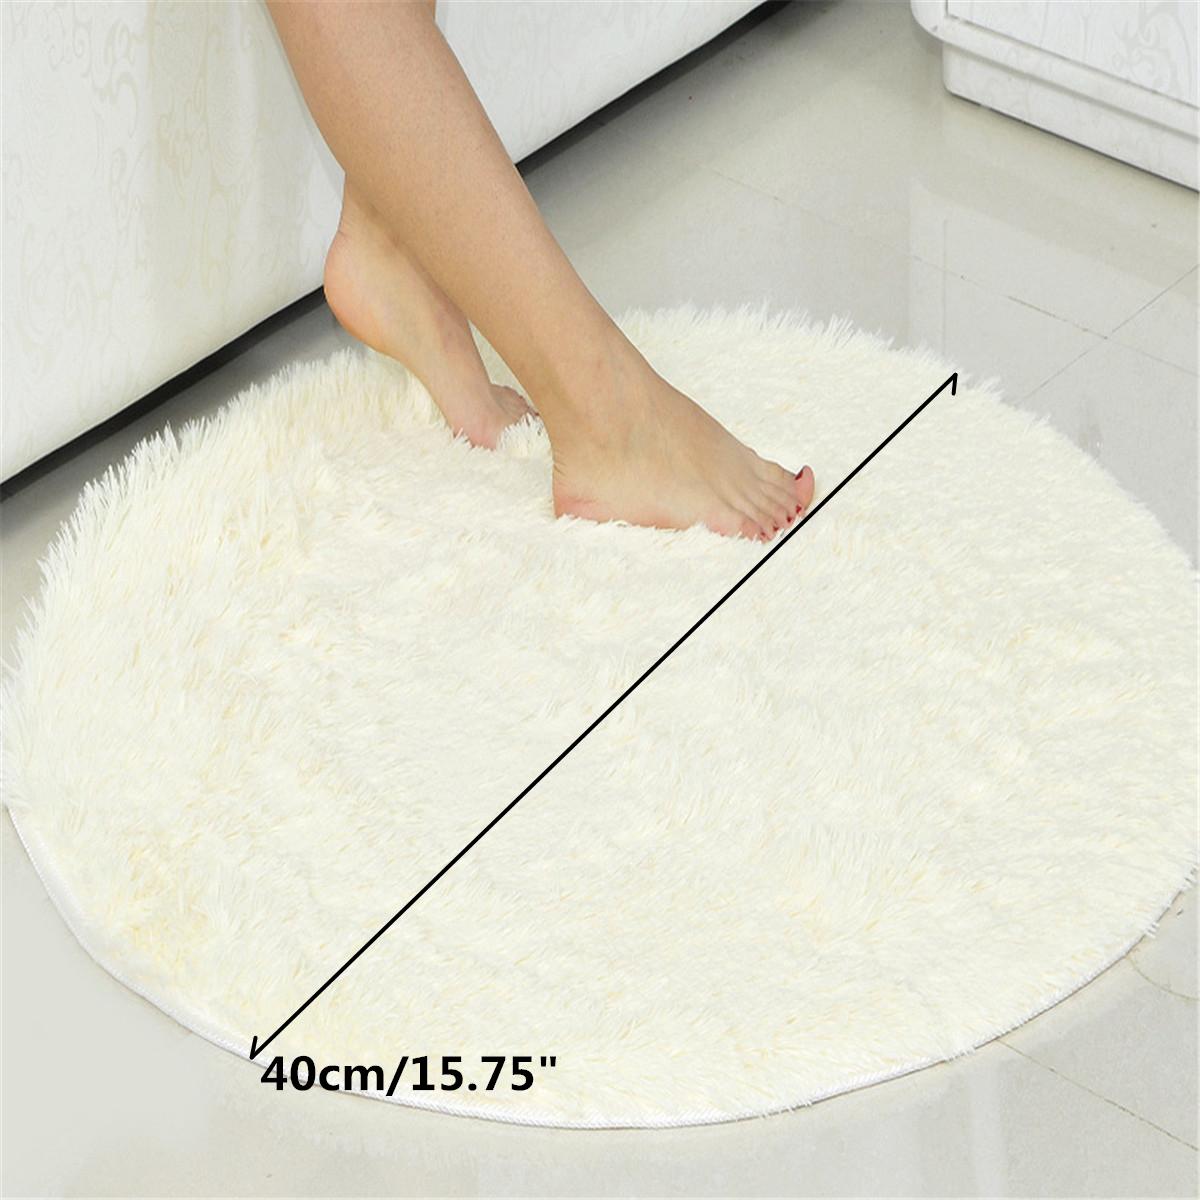 Tapis Magique Salle De Bain Gifi ~ rond tapis salle de bain chambre peluche antid rapant mat absorbant